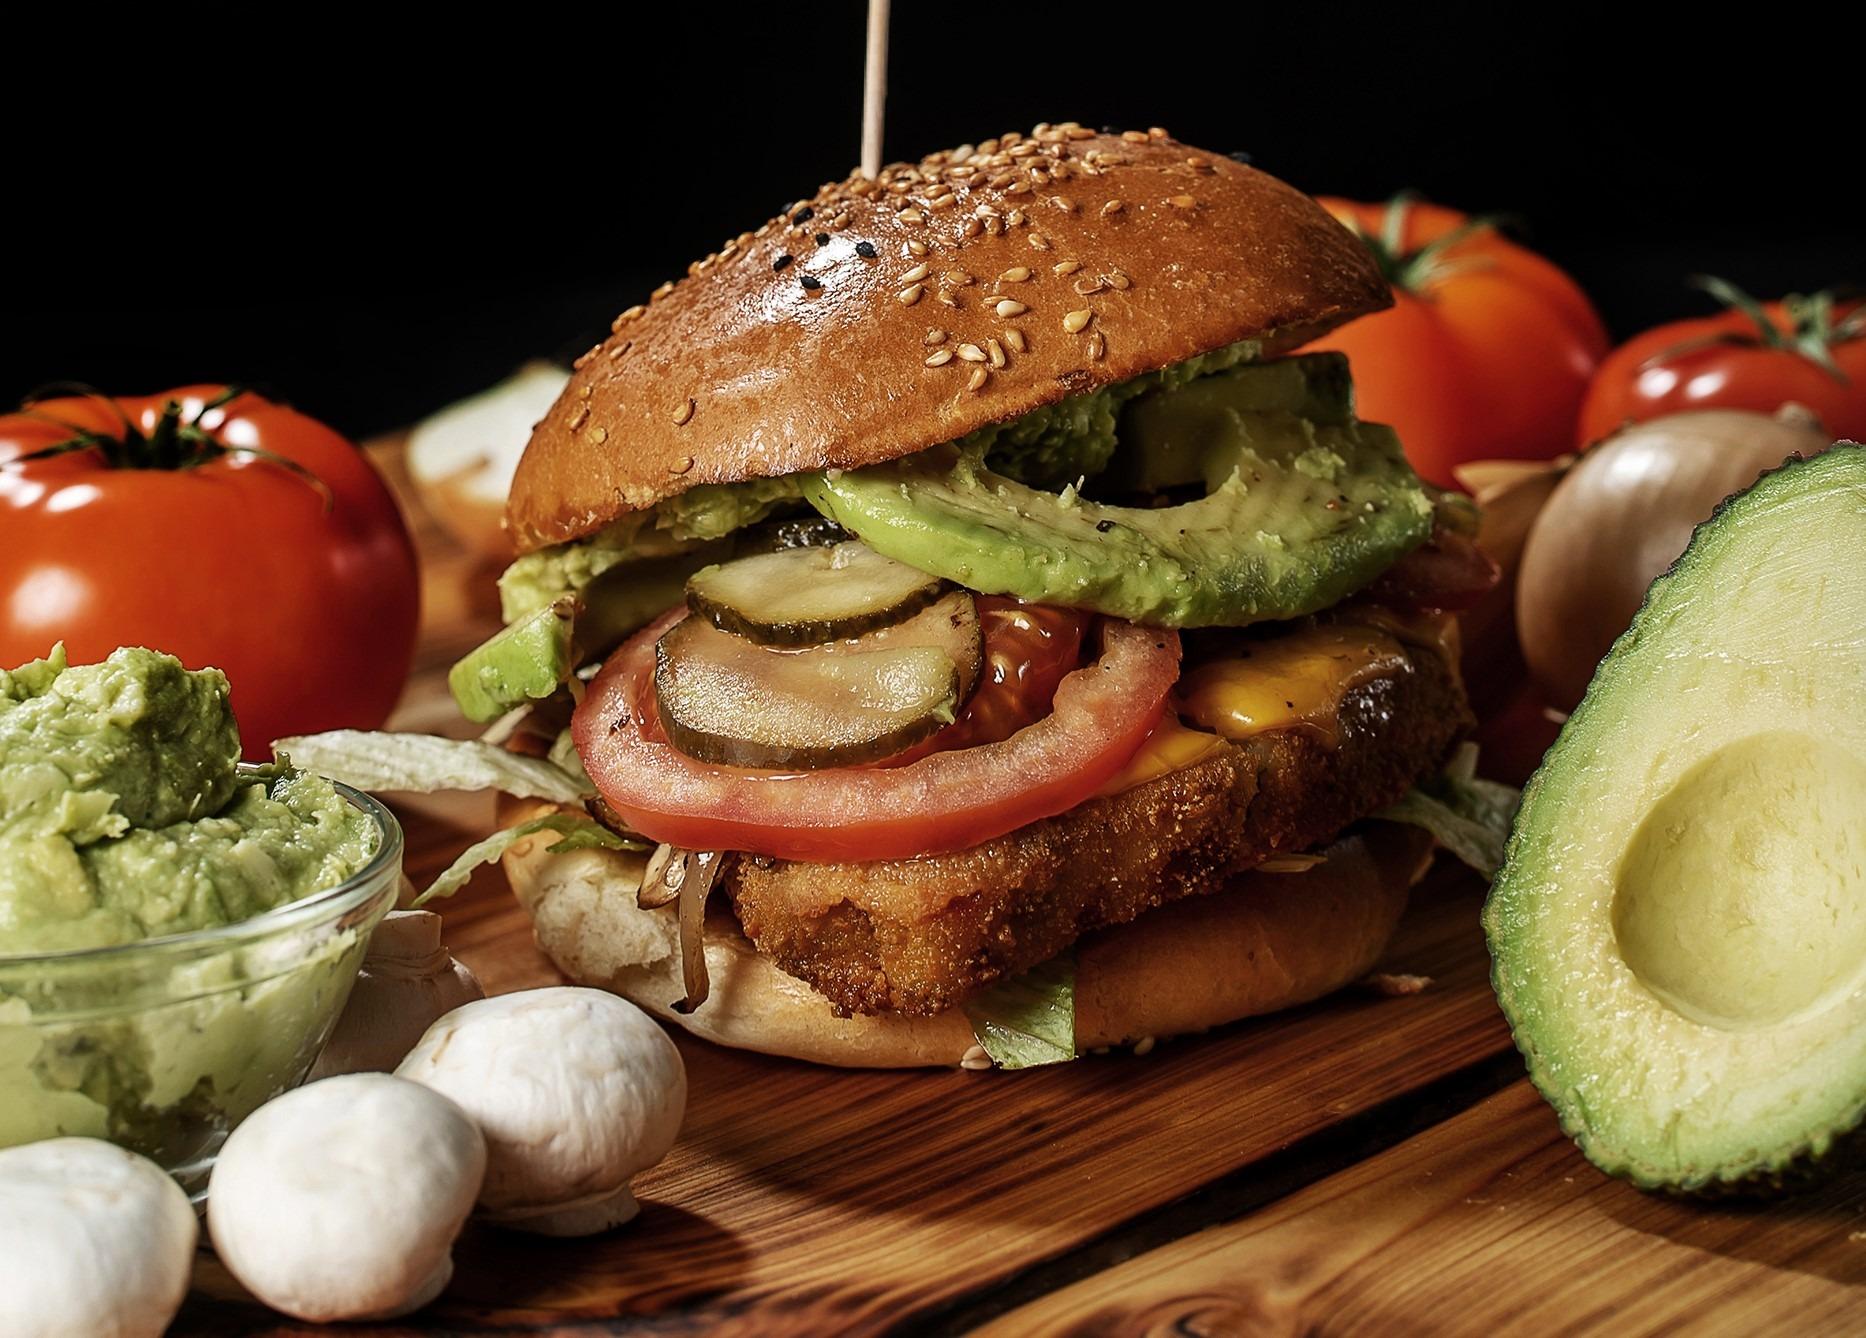 Burgerglück Vegan Cheese Burger